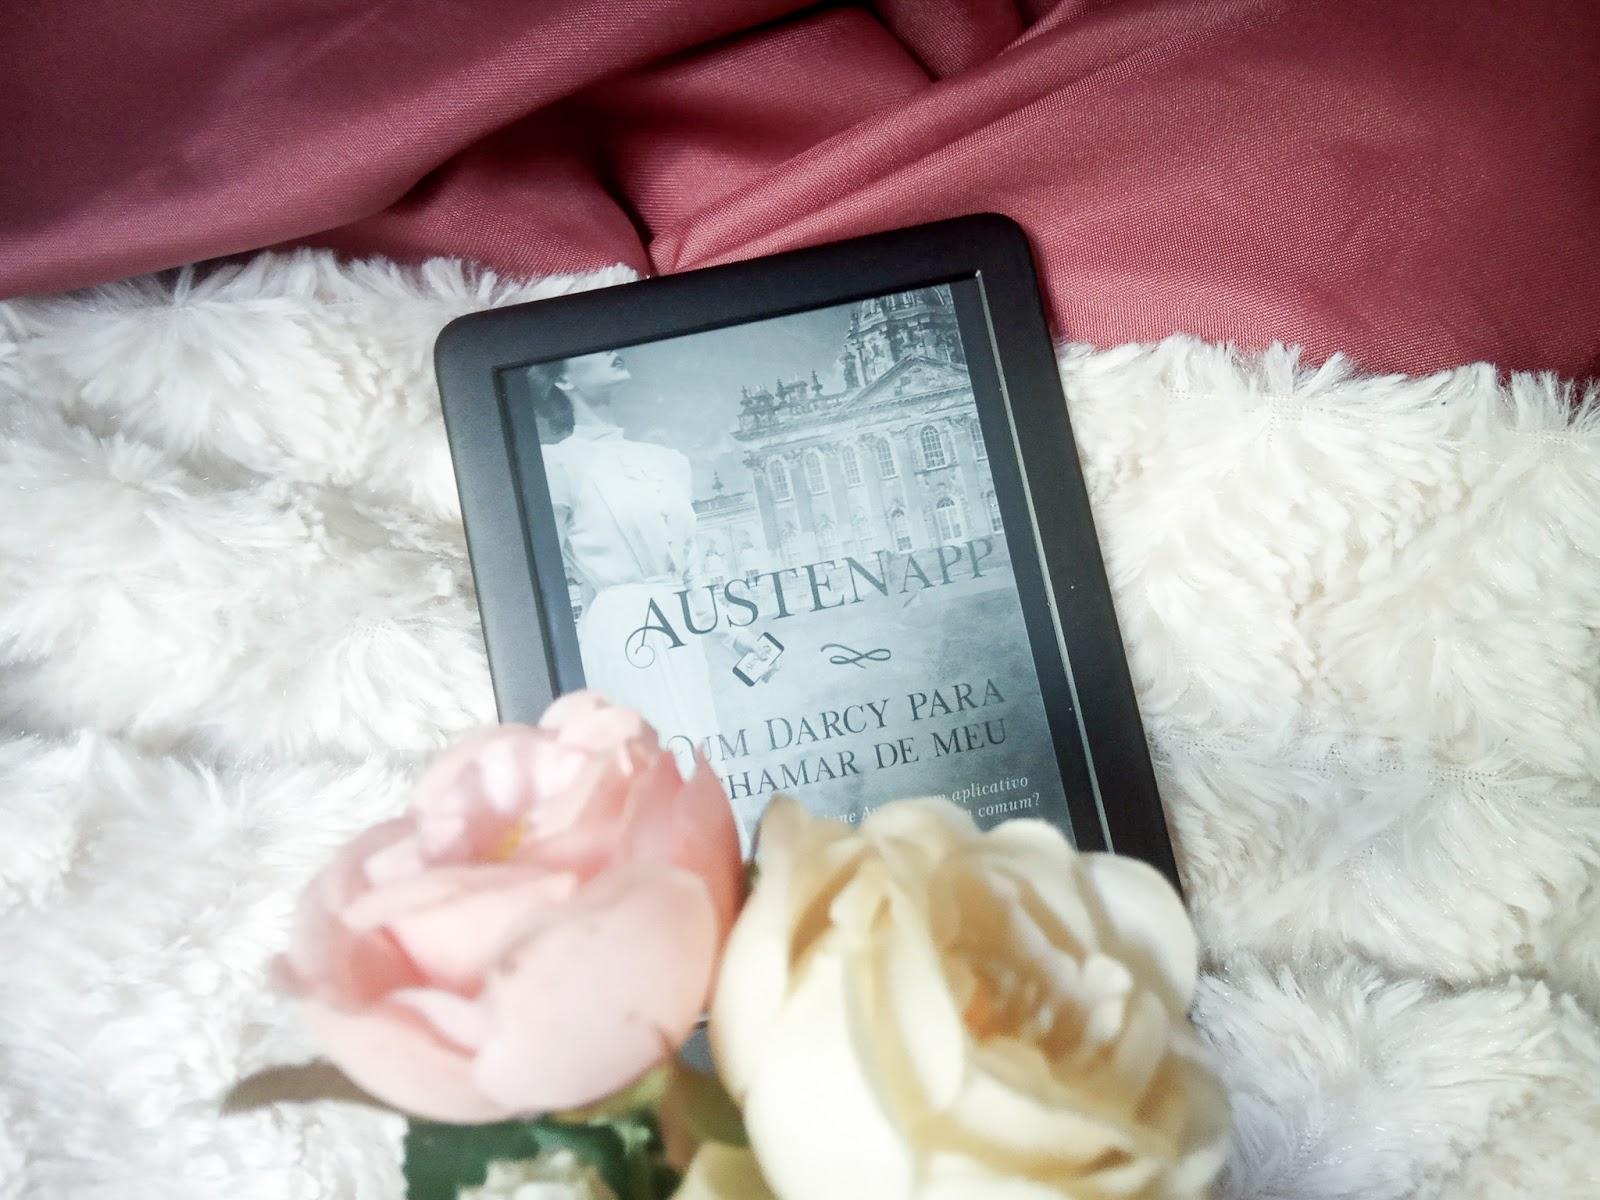 Foto com fundo mesclado de tecido liso cor de vinho e branco peludo com um aparalho kindle em cima contendo a capa do livro AustenApp e flores em baixo.